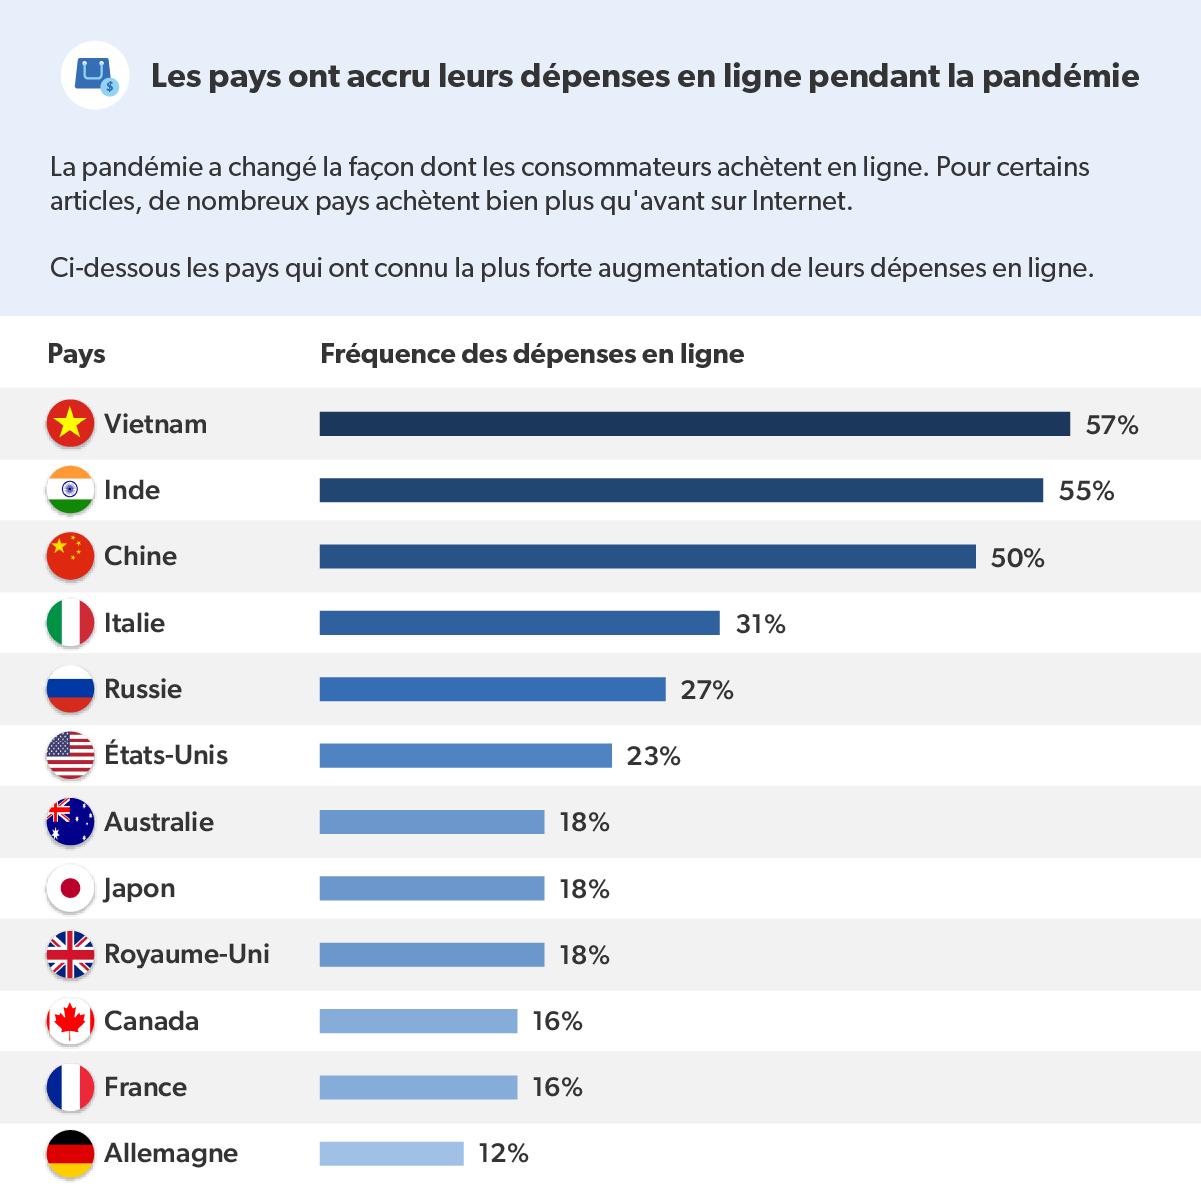 Infographie présentant les pays ayant augmenté leurs dépenses en ligne pendant la pandémie